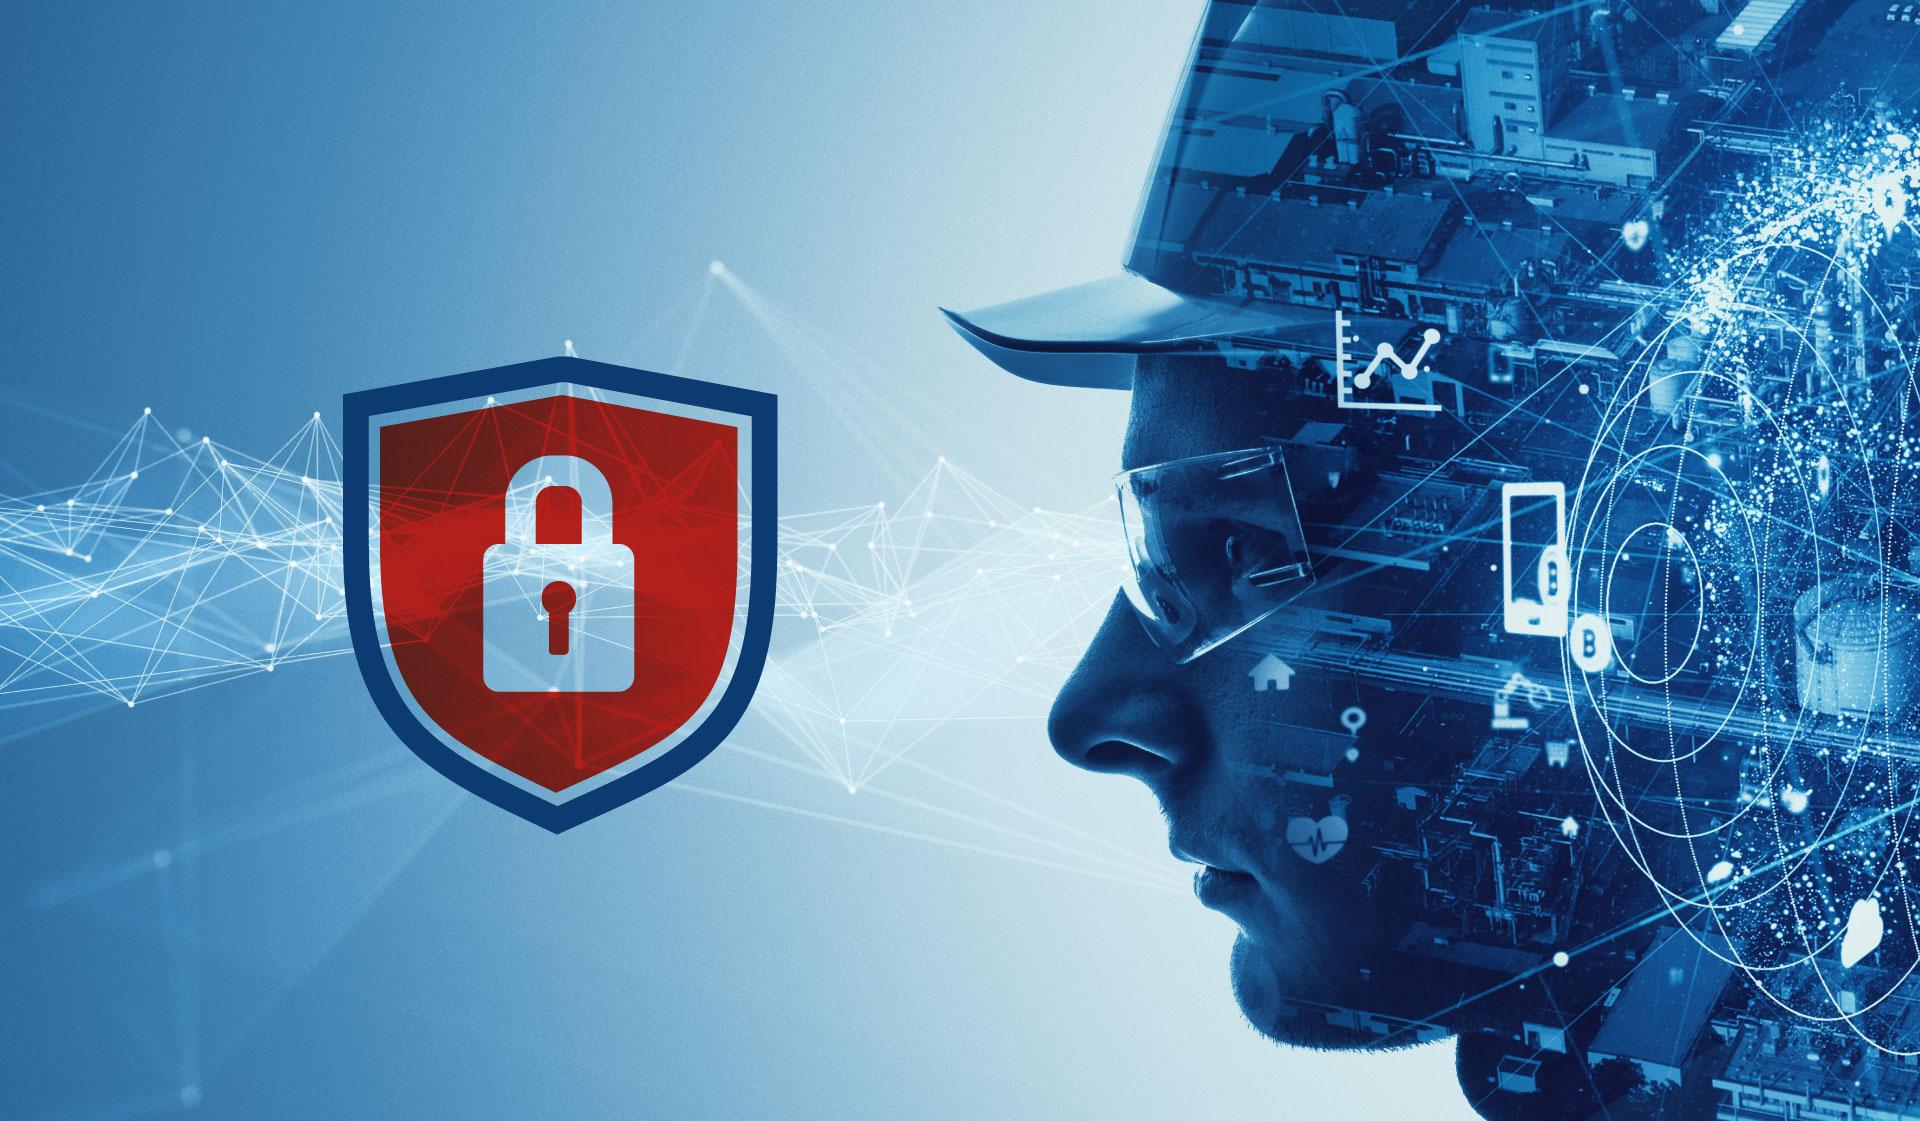 Preverte svoje zariadenia. Zraniteľnosti Ripple 20 môžu pustiť hackerov do vašich systémov